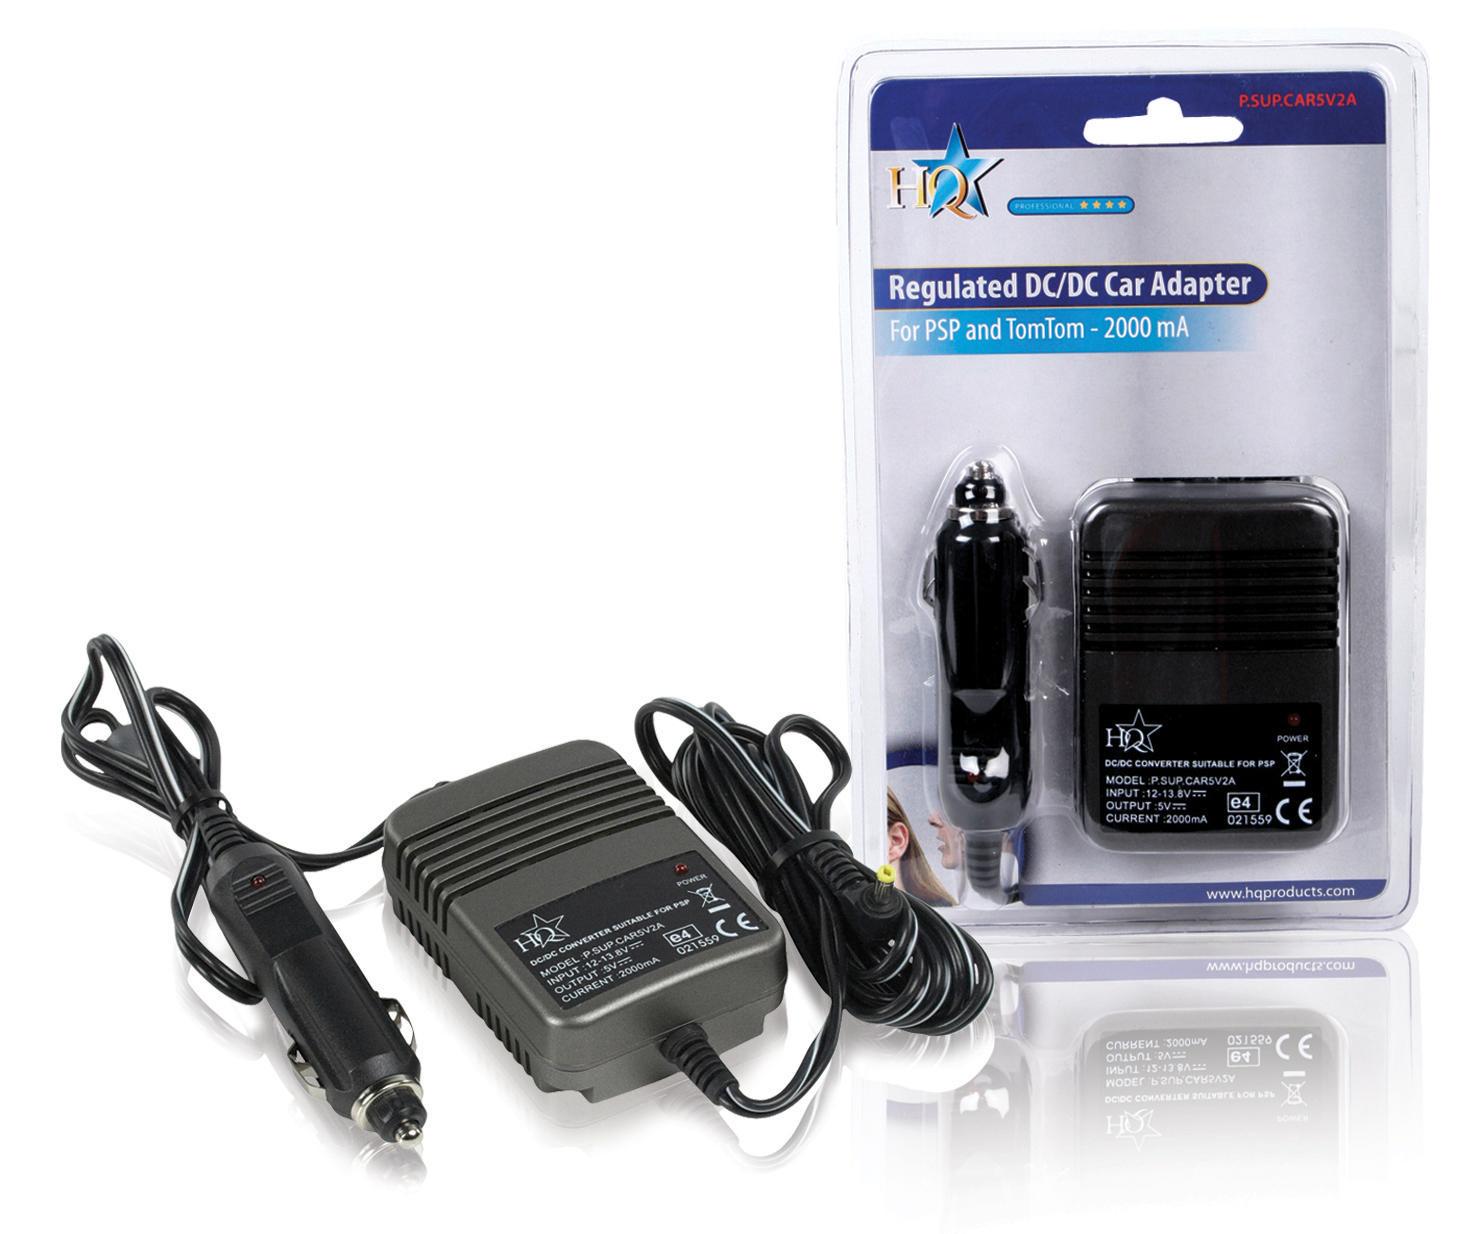 Billede af Universal Dc Power Adapter 5 VDC 2.0 A